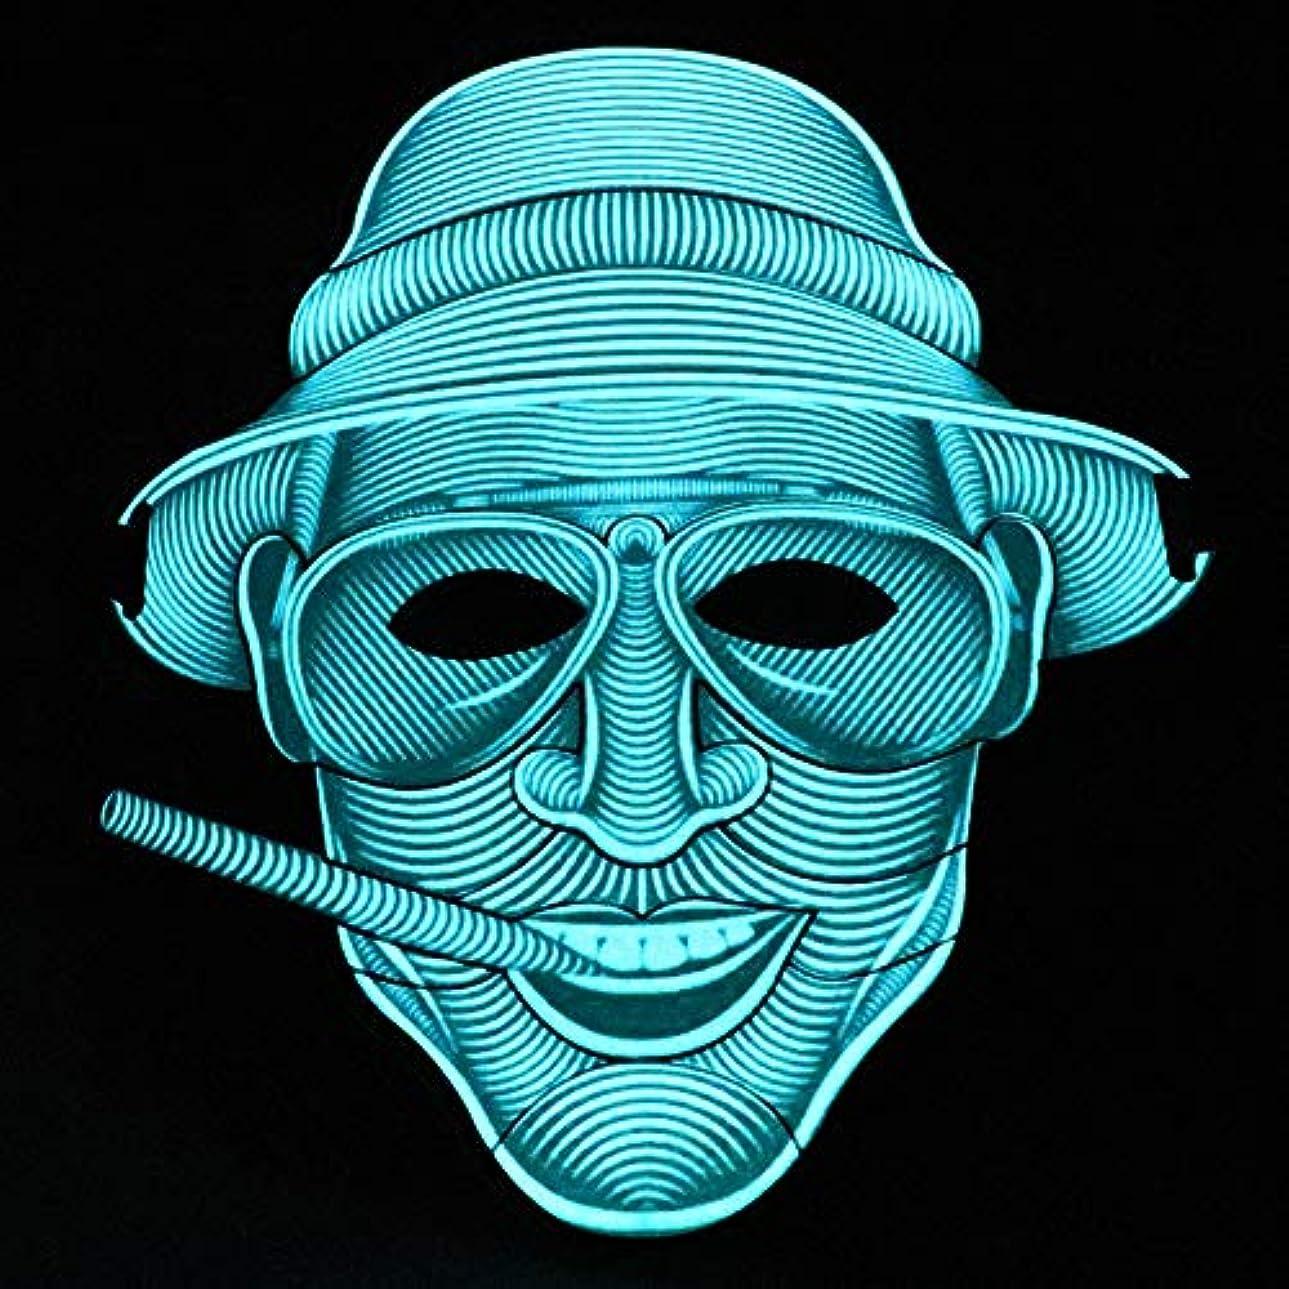 ギャラントリー逃げる高める照らされたマスクLED創造的な冷光音響制御マスクハロウィンバーフェスティバルダンスマスク (Color : #5)